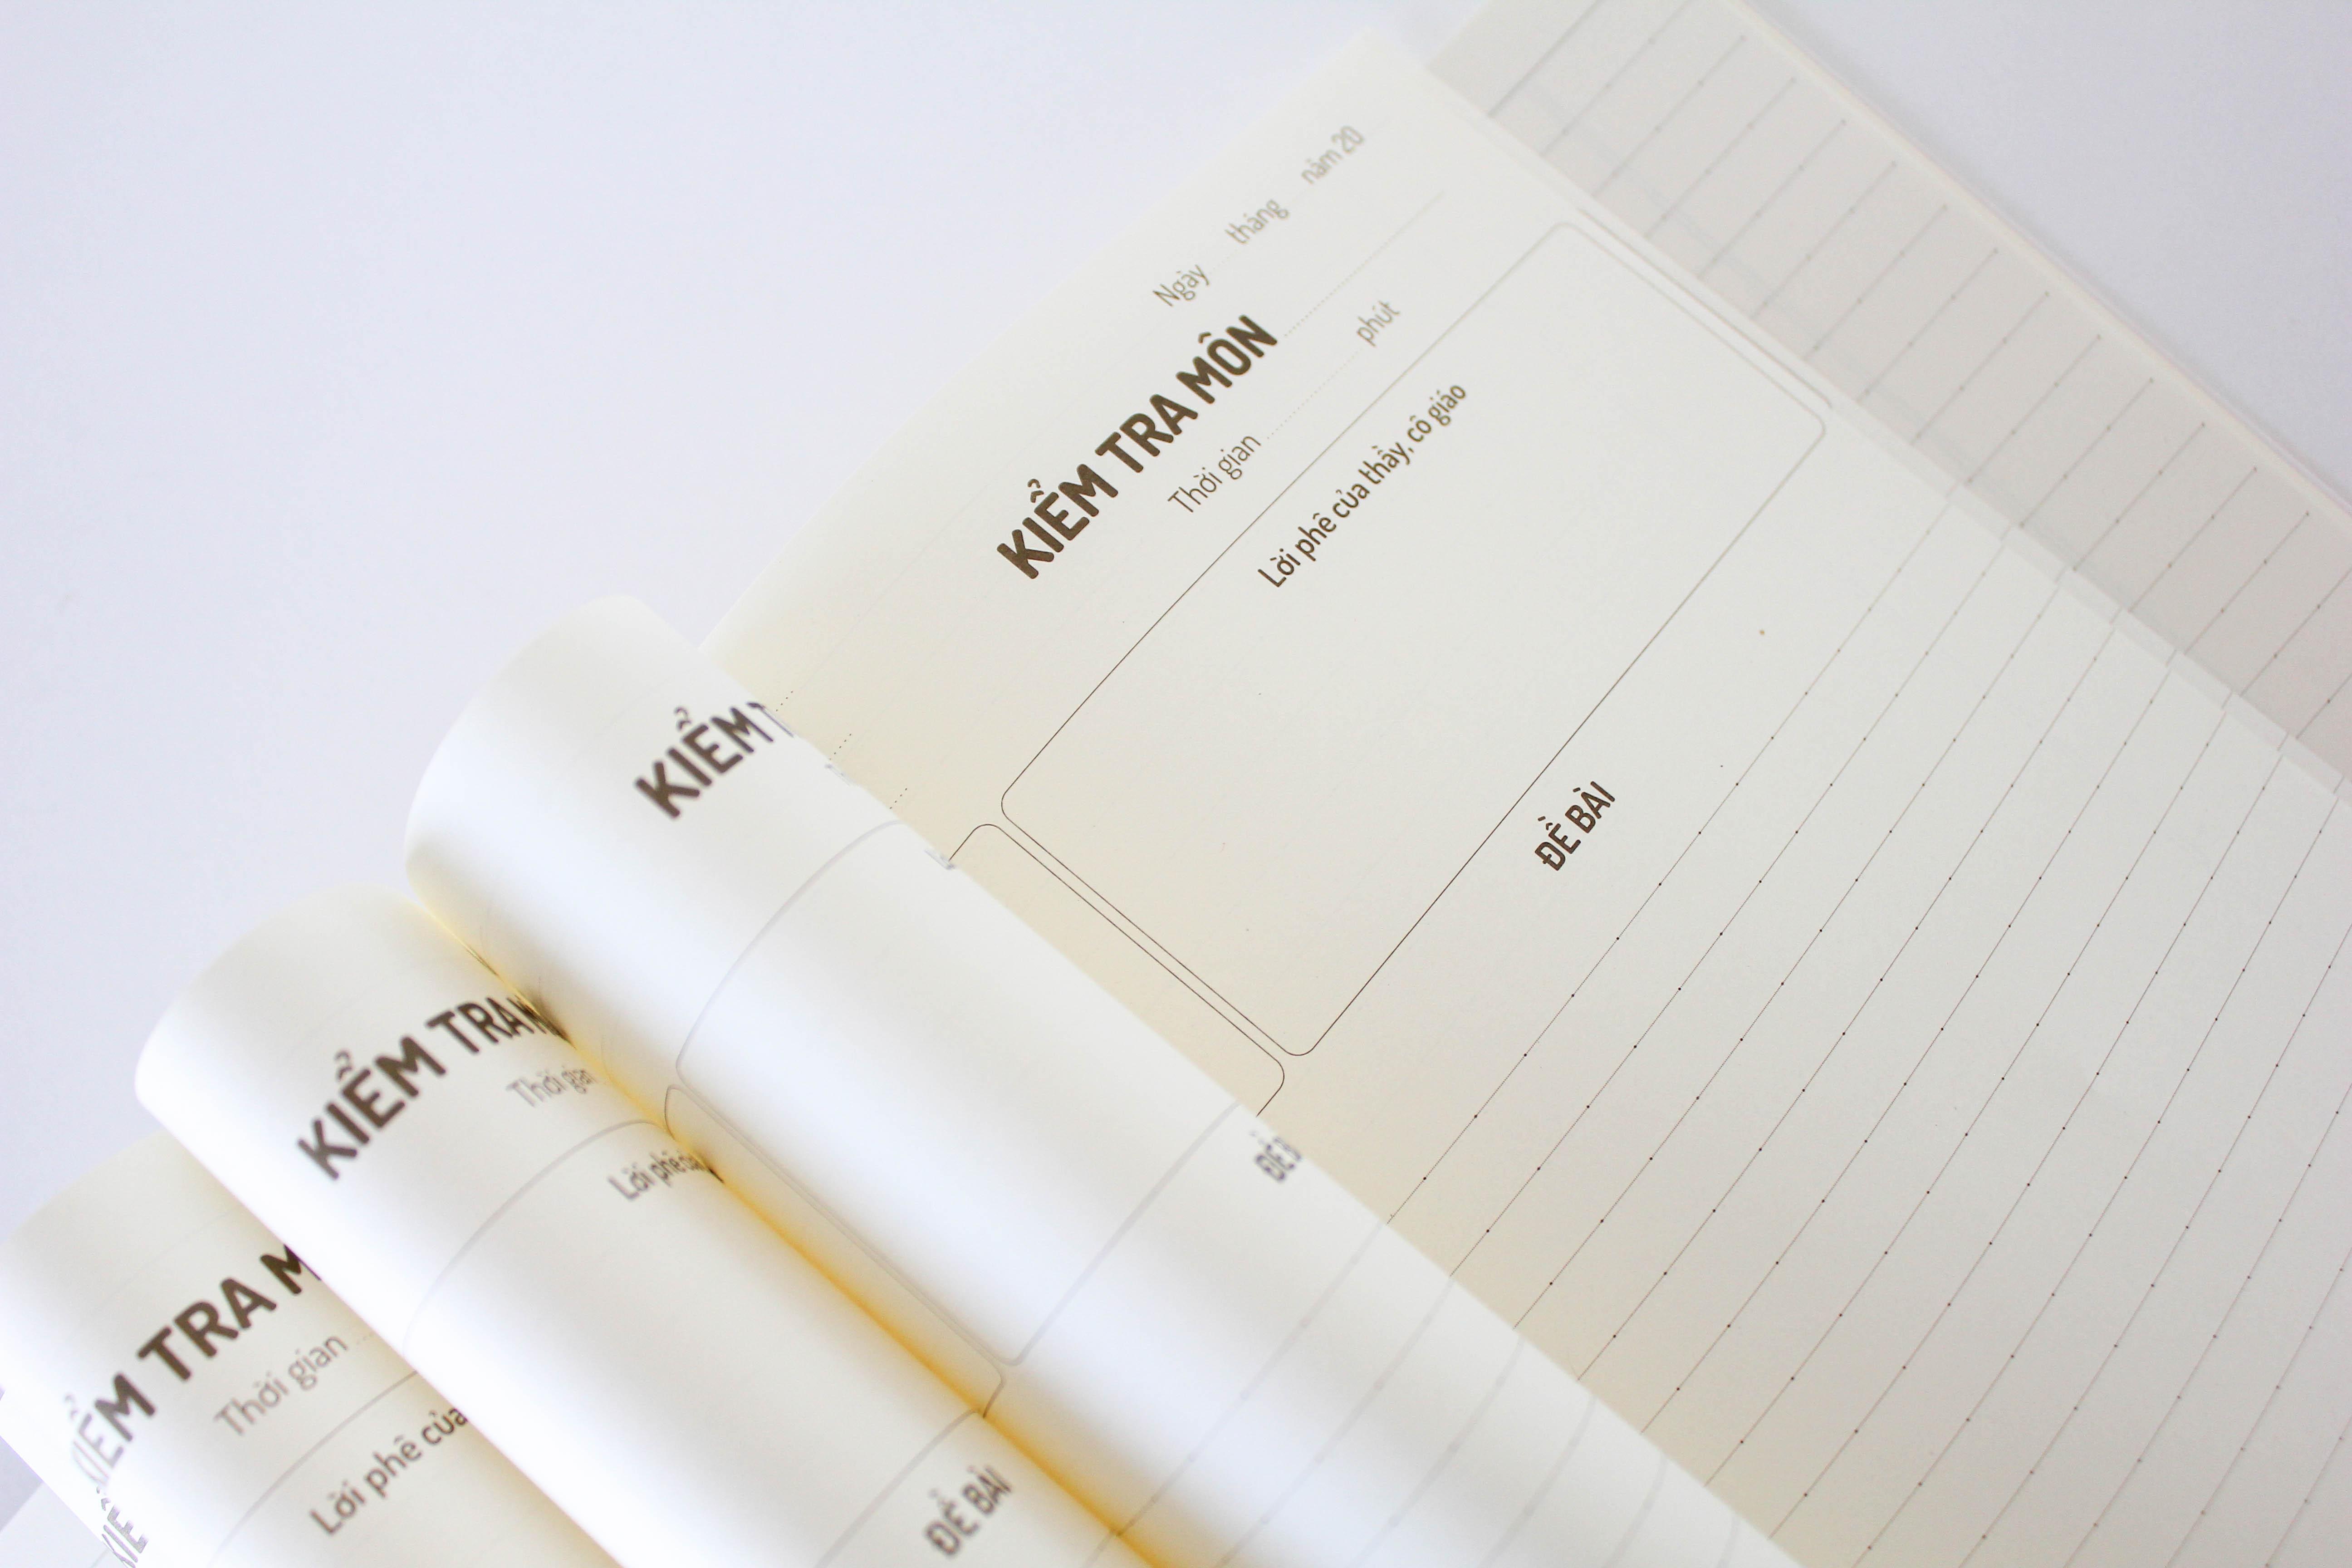 Tập 15 giấy kiểm tra đôi - Ruột kẻ ngang chấm - Giấy kiểm tra Crabit - Combo 5 cuốn